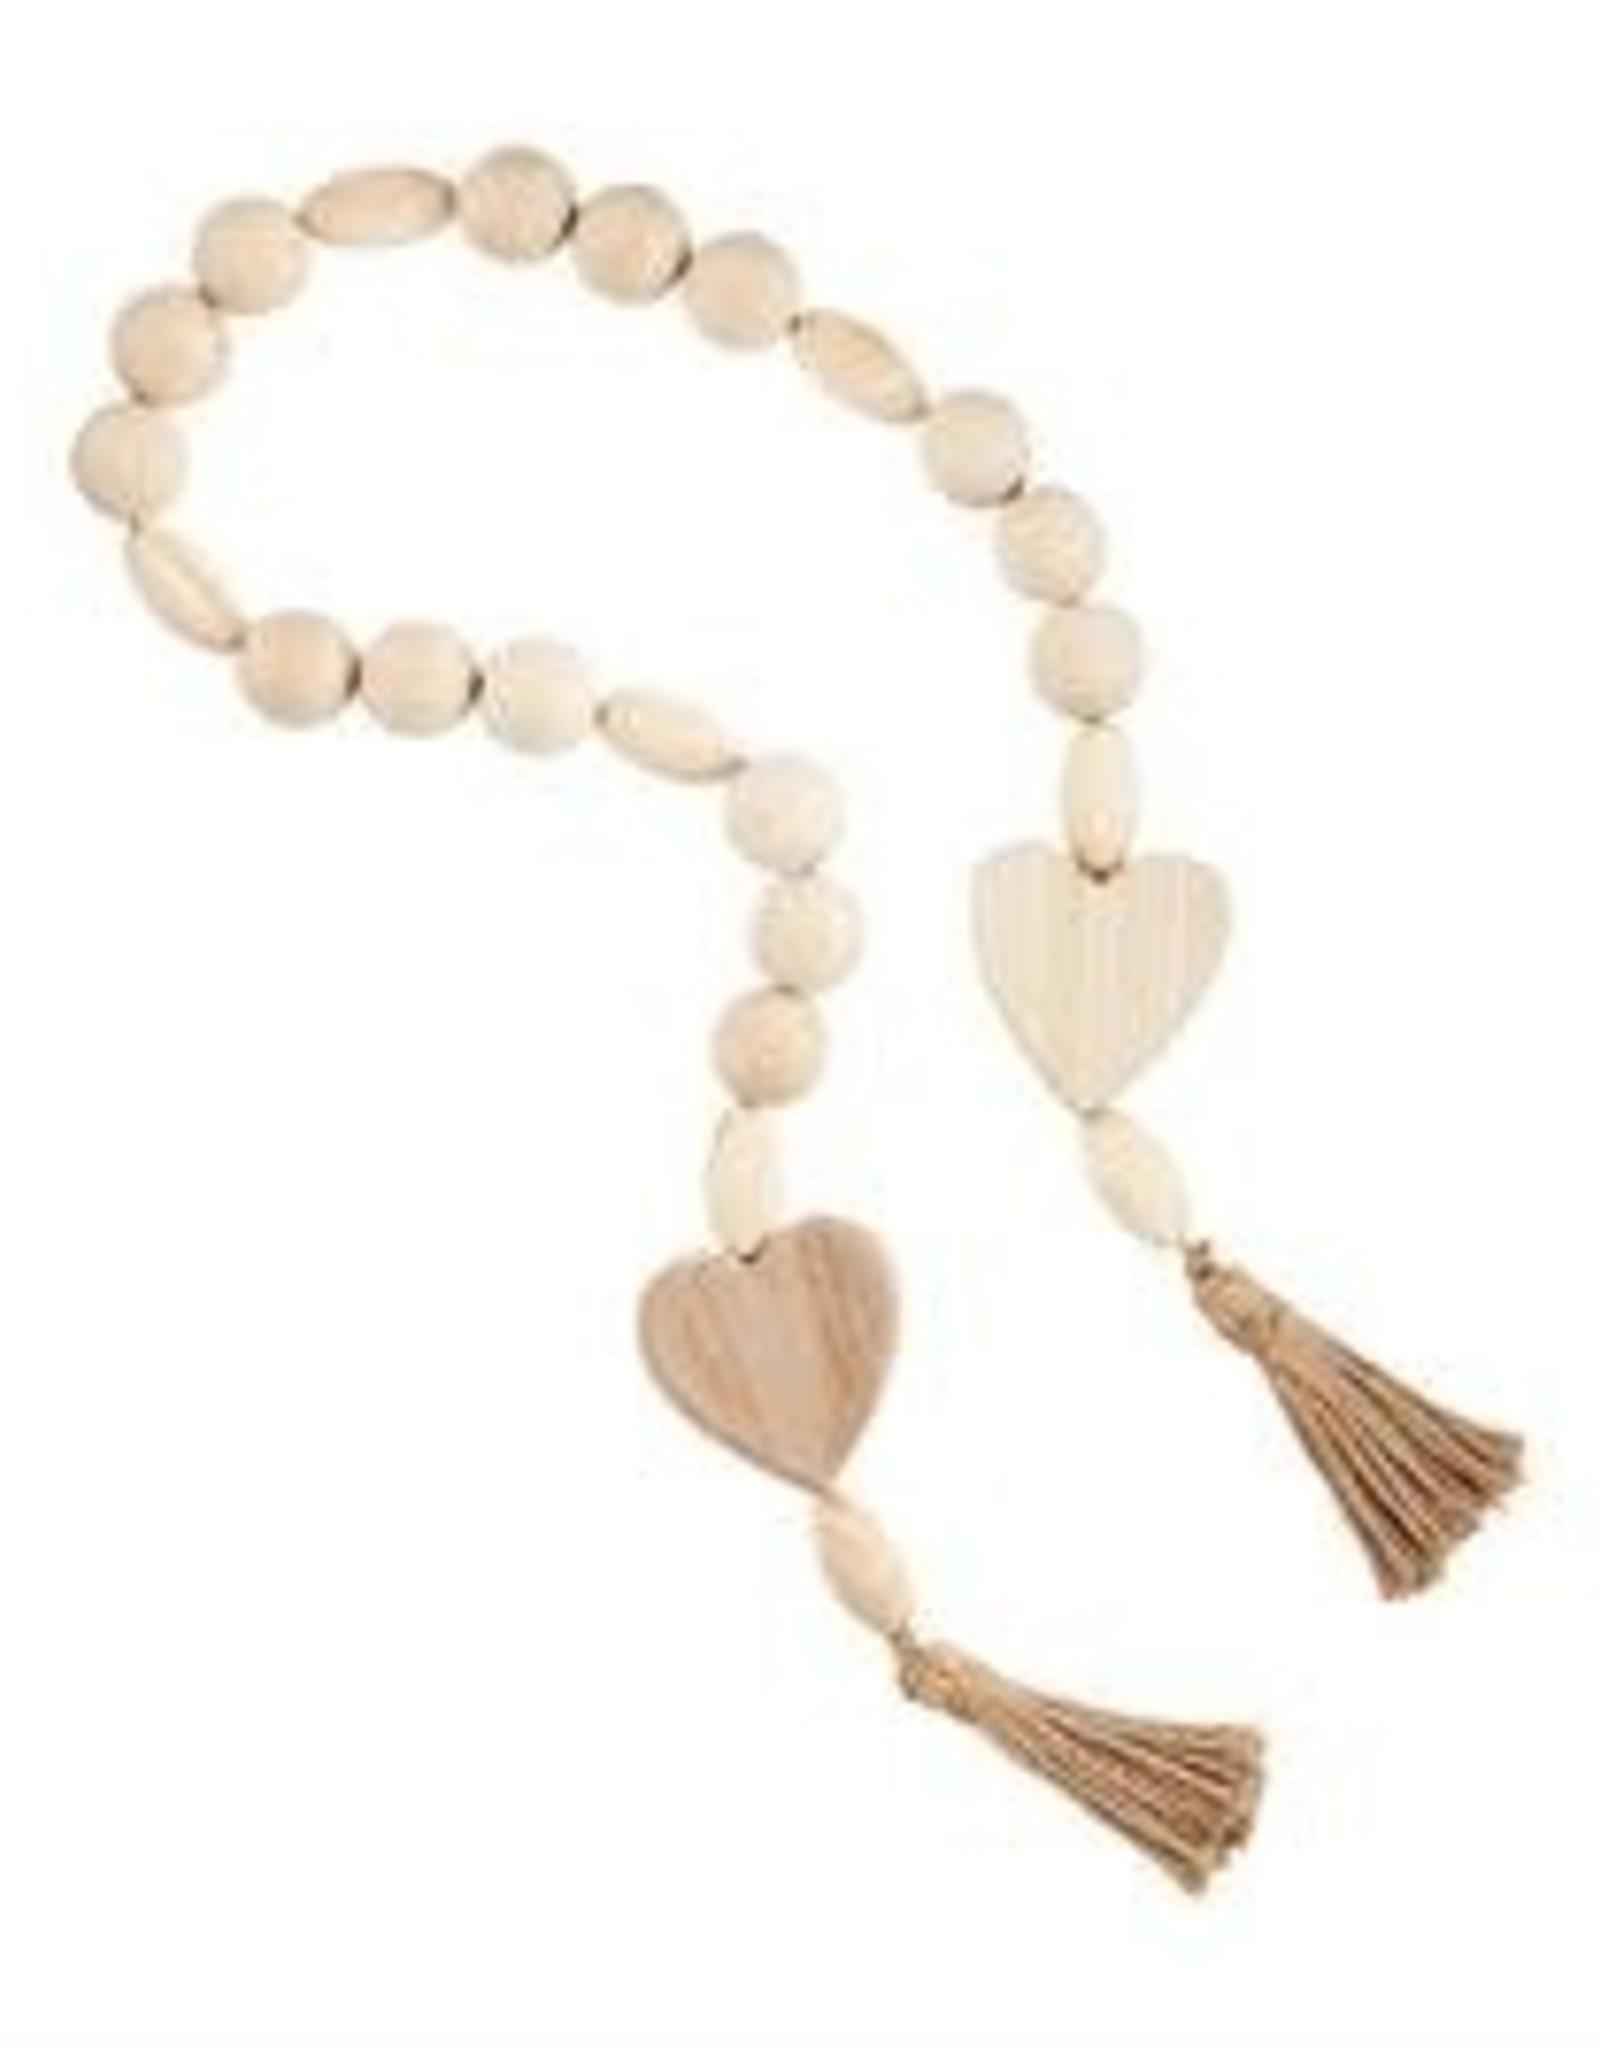 MudPie MudPie Oversized Wood Beads